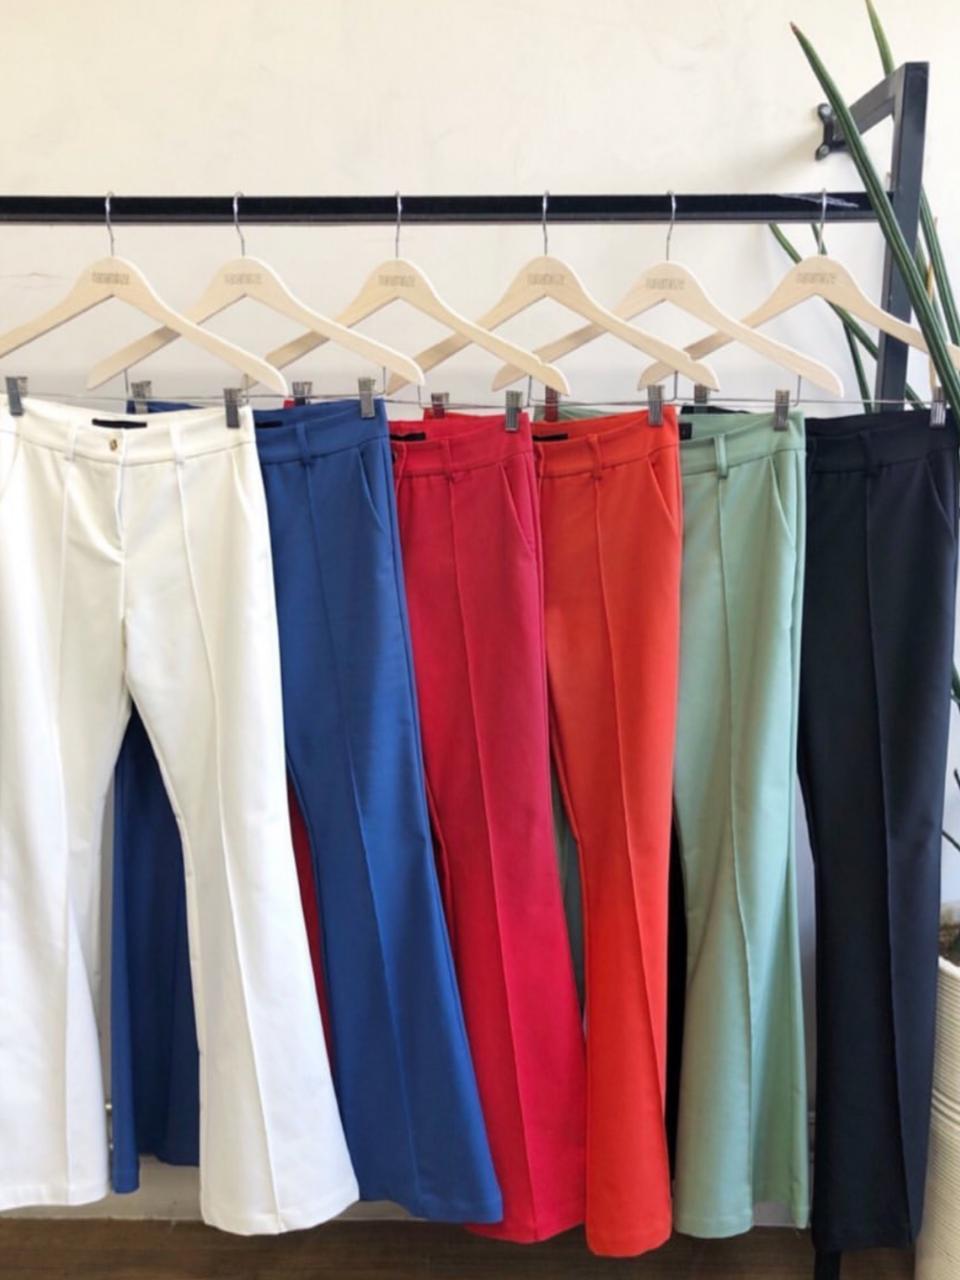 Calça Nina Flare alfaiataria 4% Elastano Cores Verde Bandeira, Amarelo, Off, Azul, Vermelho, Coral, Preta e Verde Militar